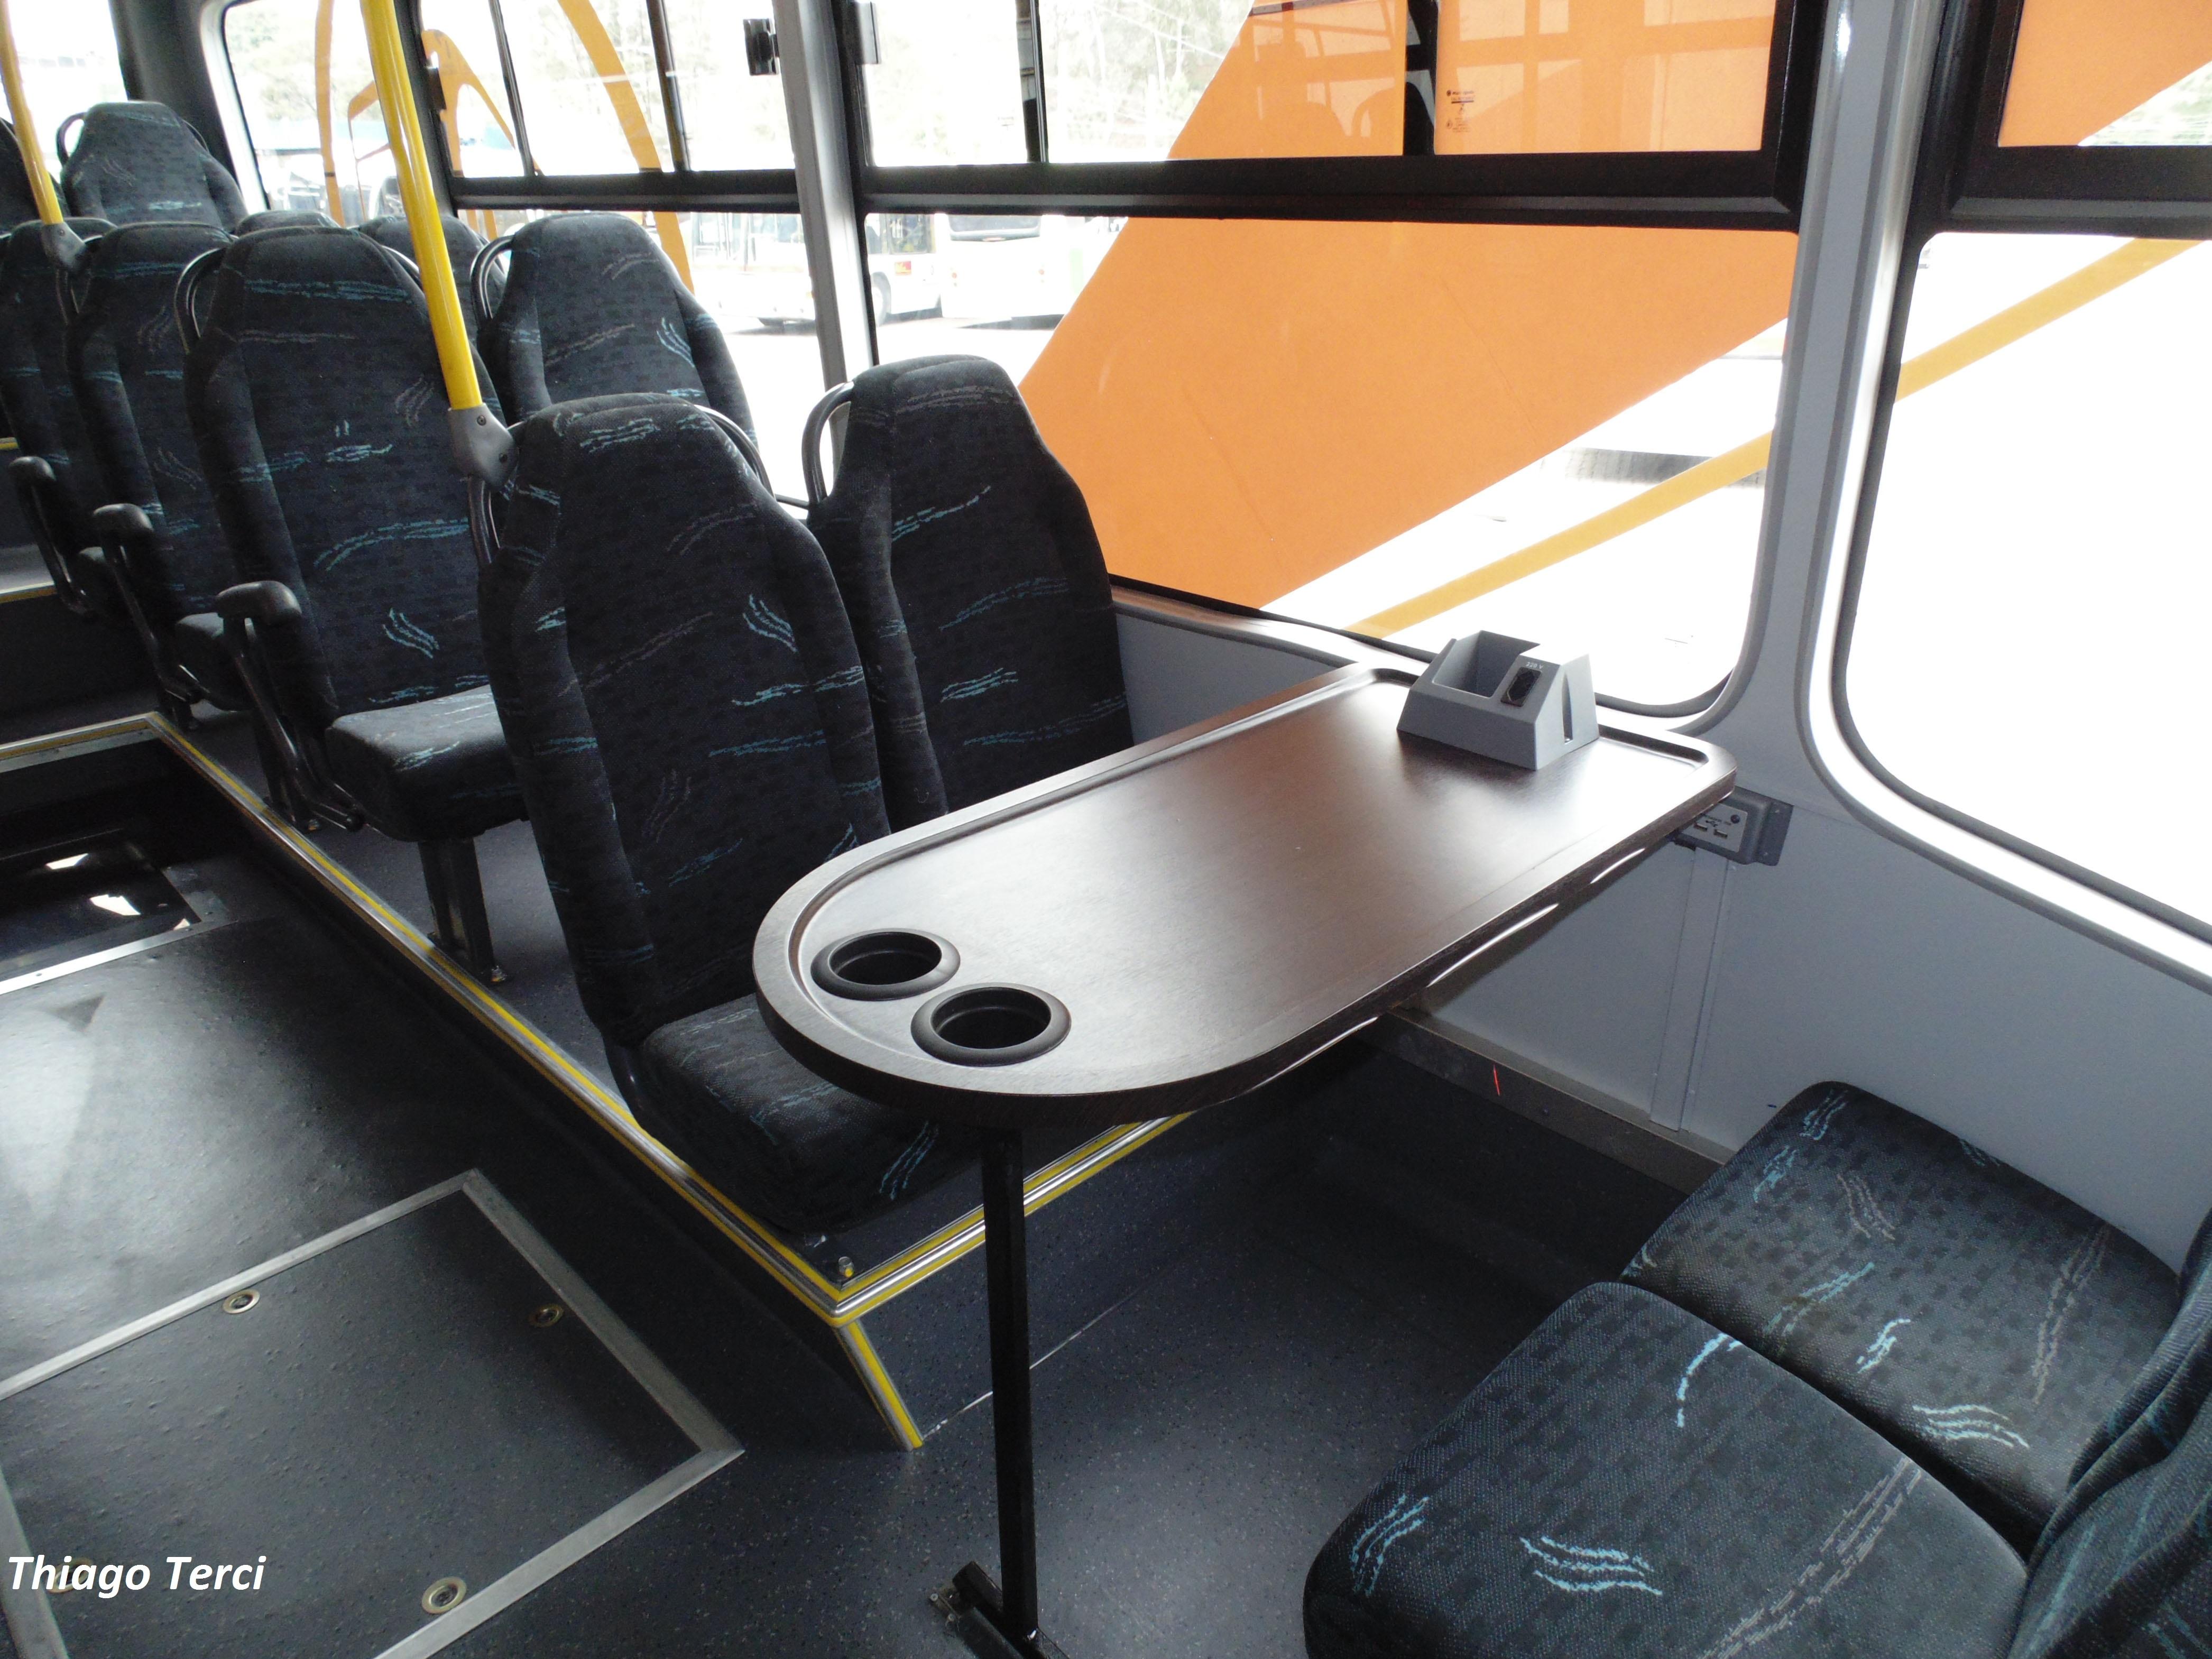 Pelo deslocamento produtivo, de maneira confortável e adequada, os passageiros já podem desenvolver suas atividades durante as viagens